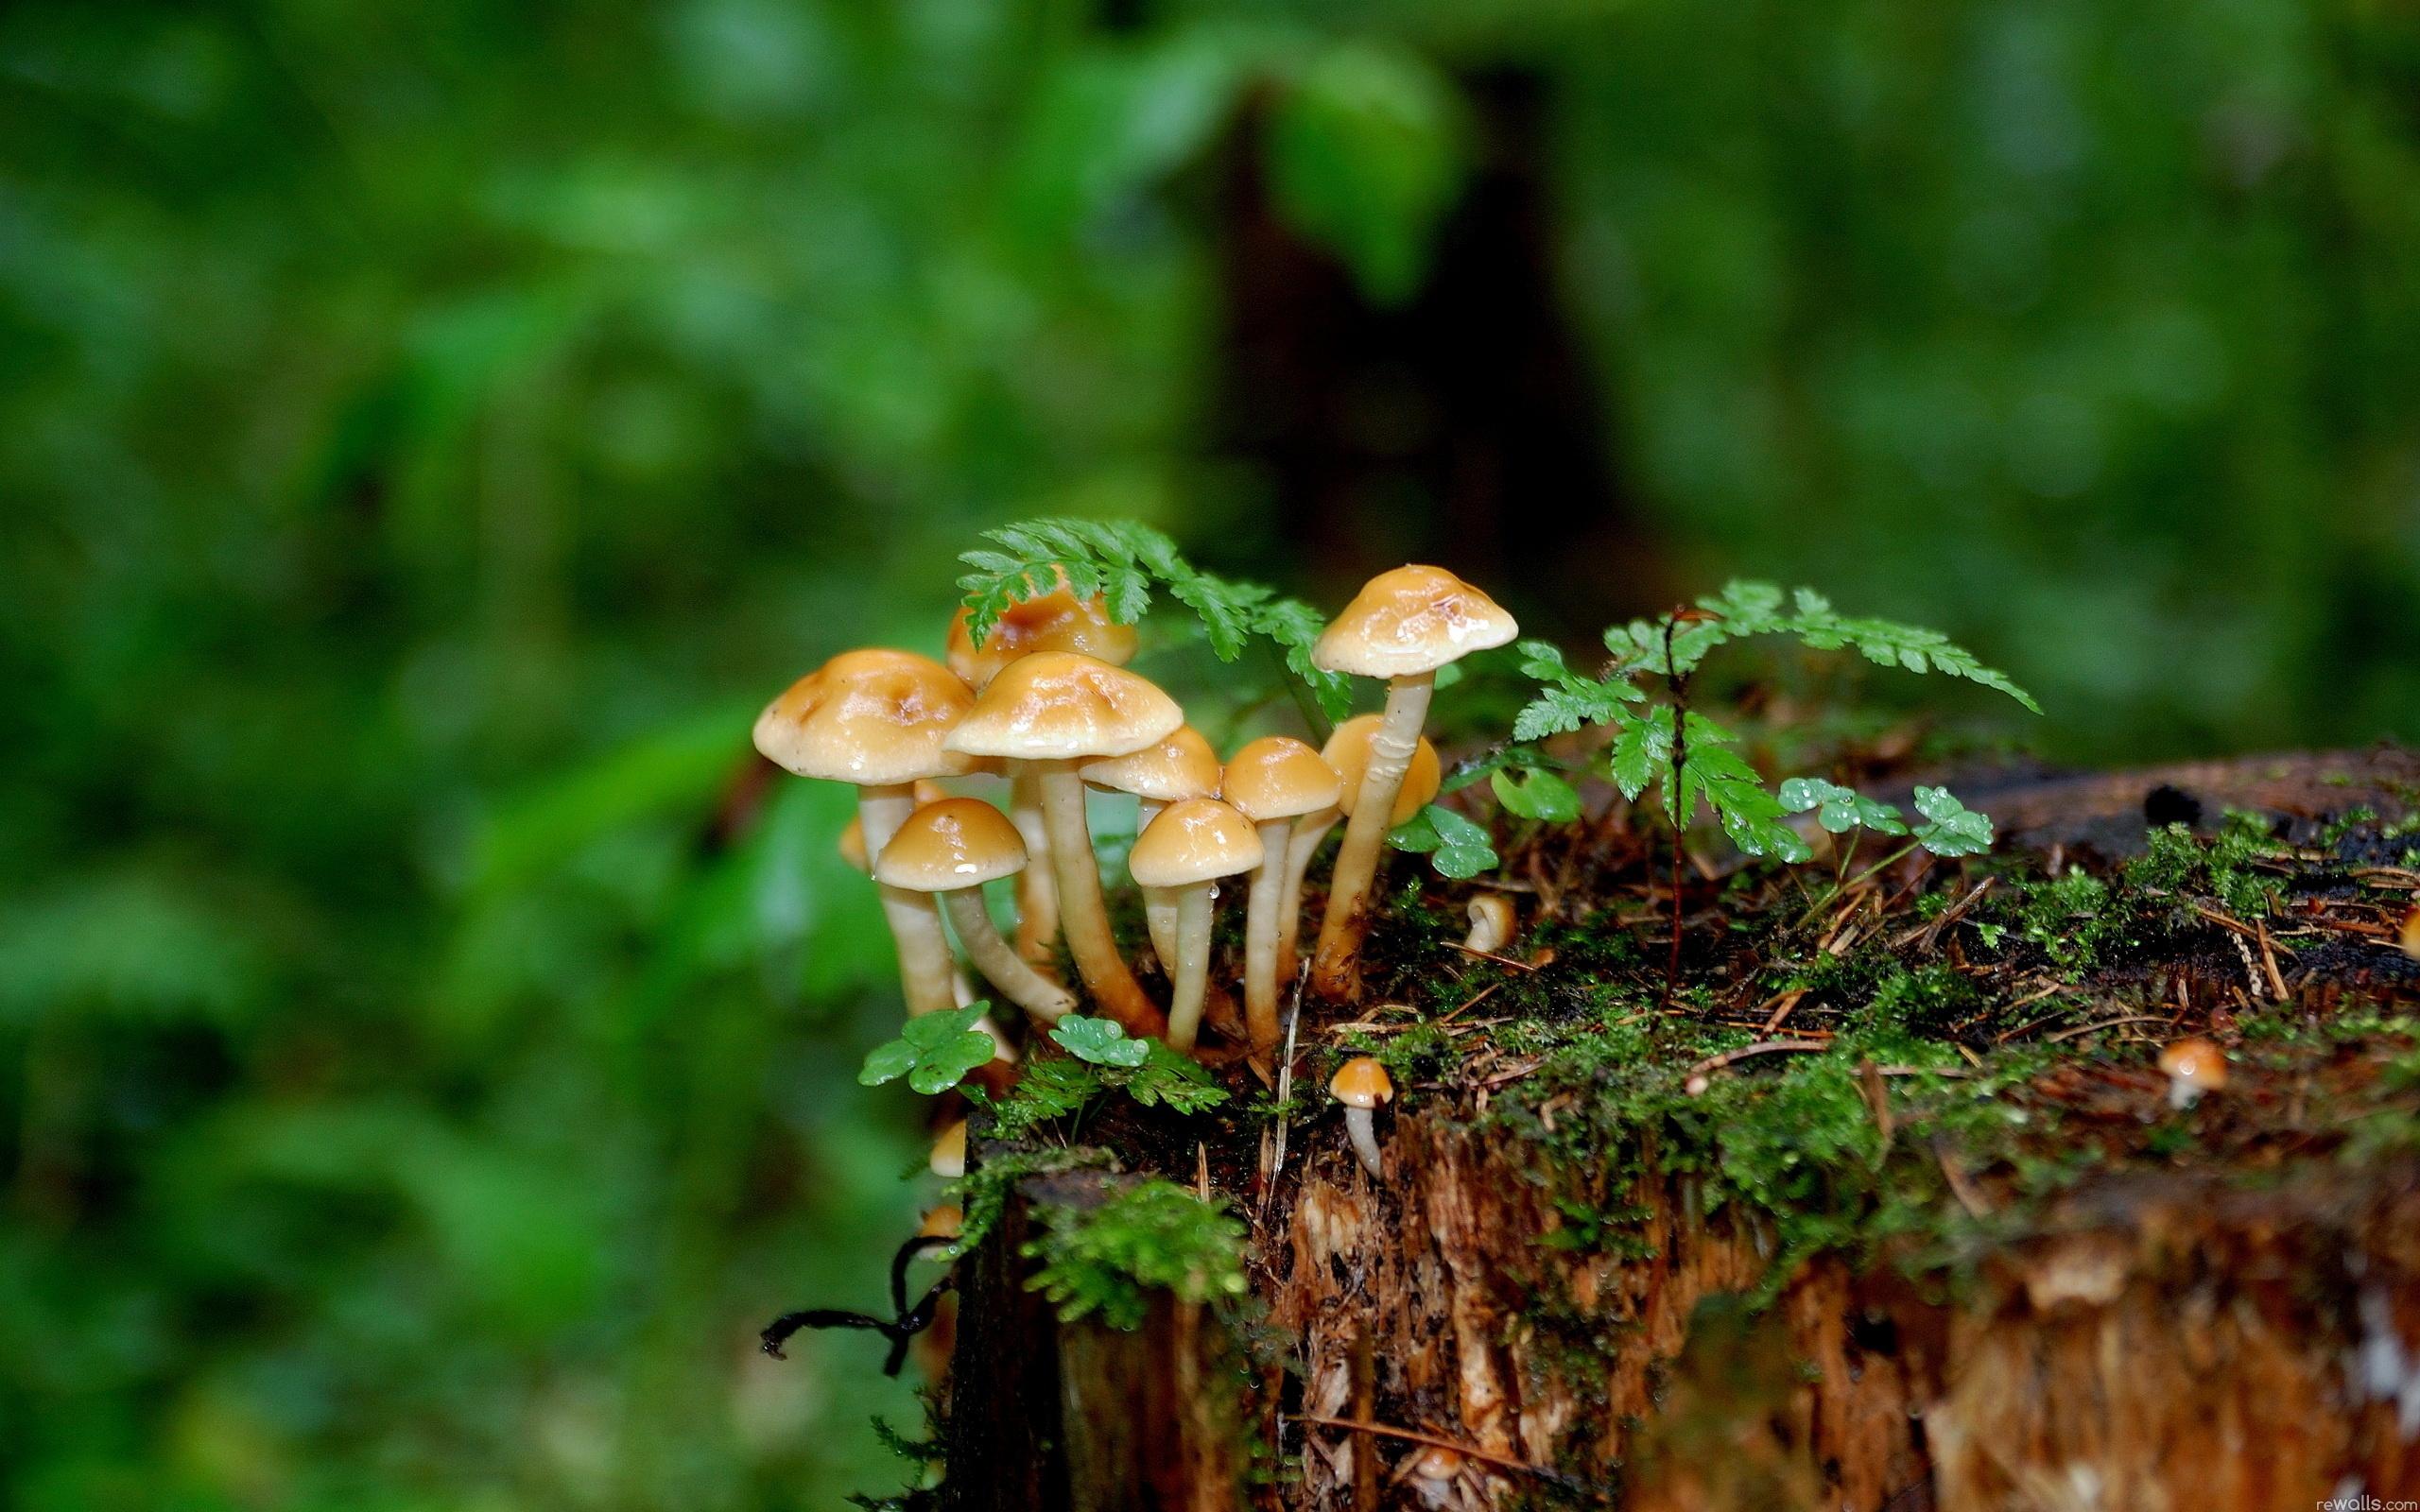 Earth - Mushroom Wallpaper